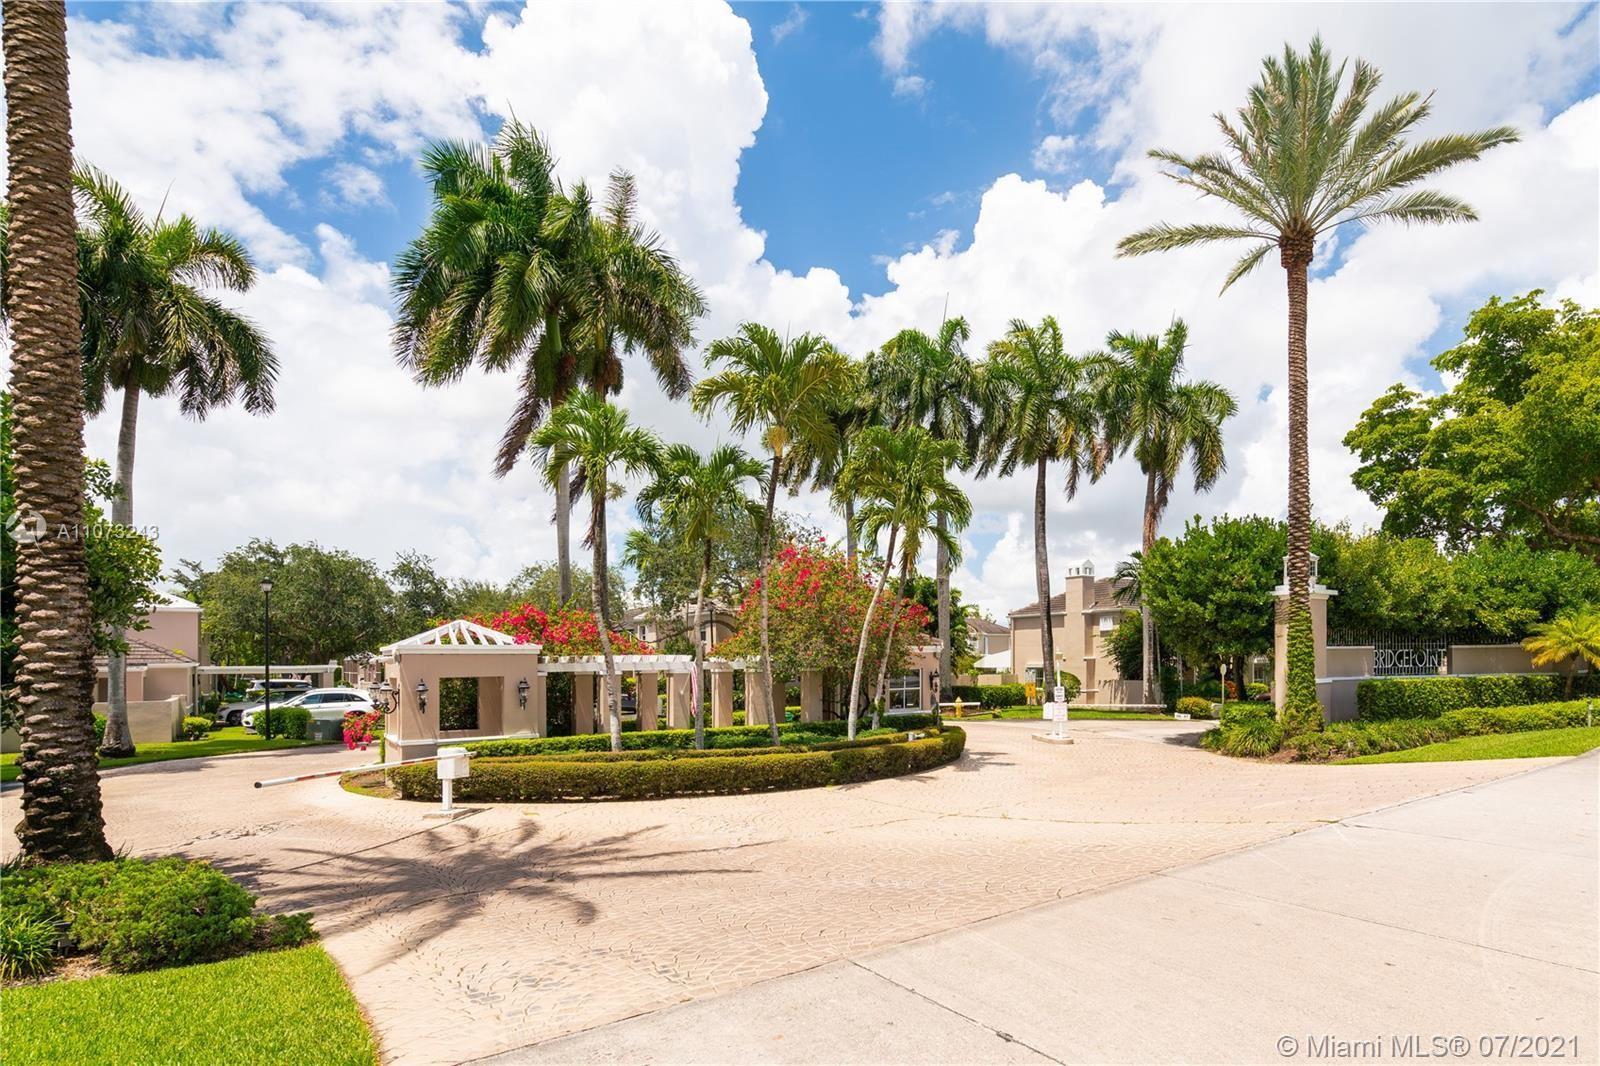 6950 SW 55th Ter E #6950, Miami, FL 33155 - #: A11073243